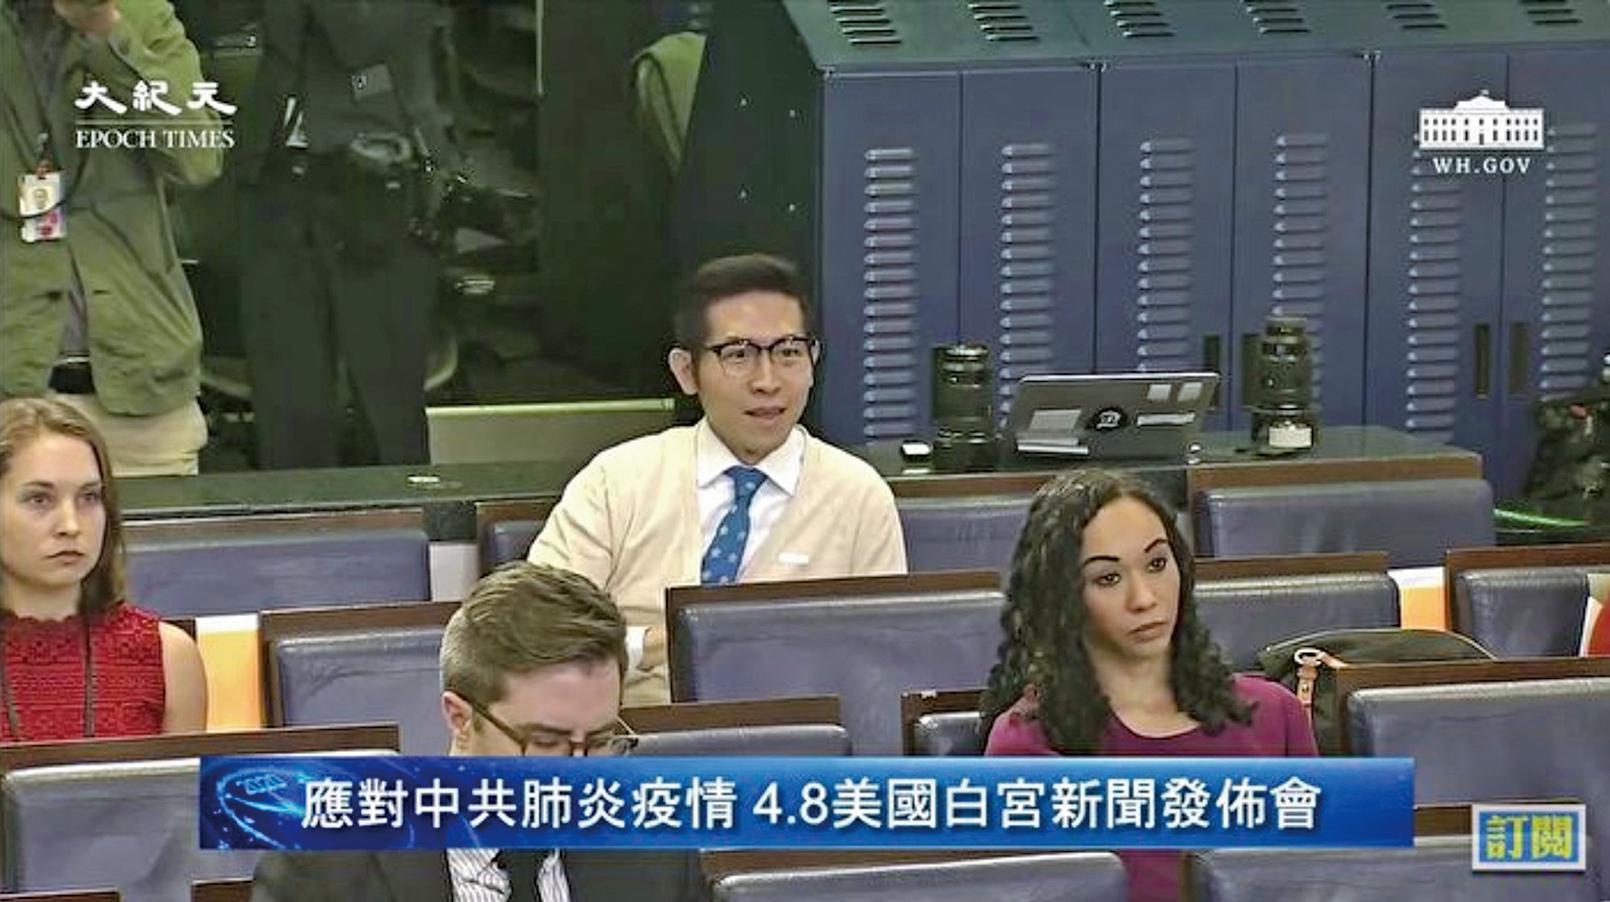 中共東方衛視駐白宮記者張經義於4月8日在白宮疫情通報會上提問。(視頻截圖)